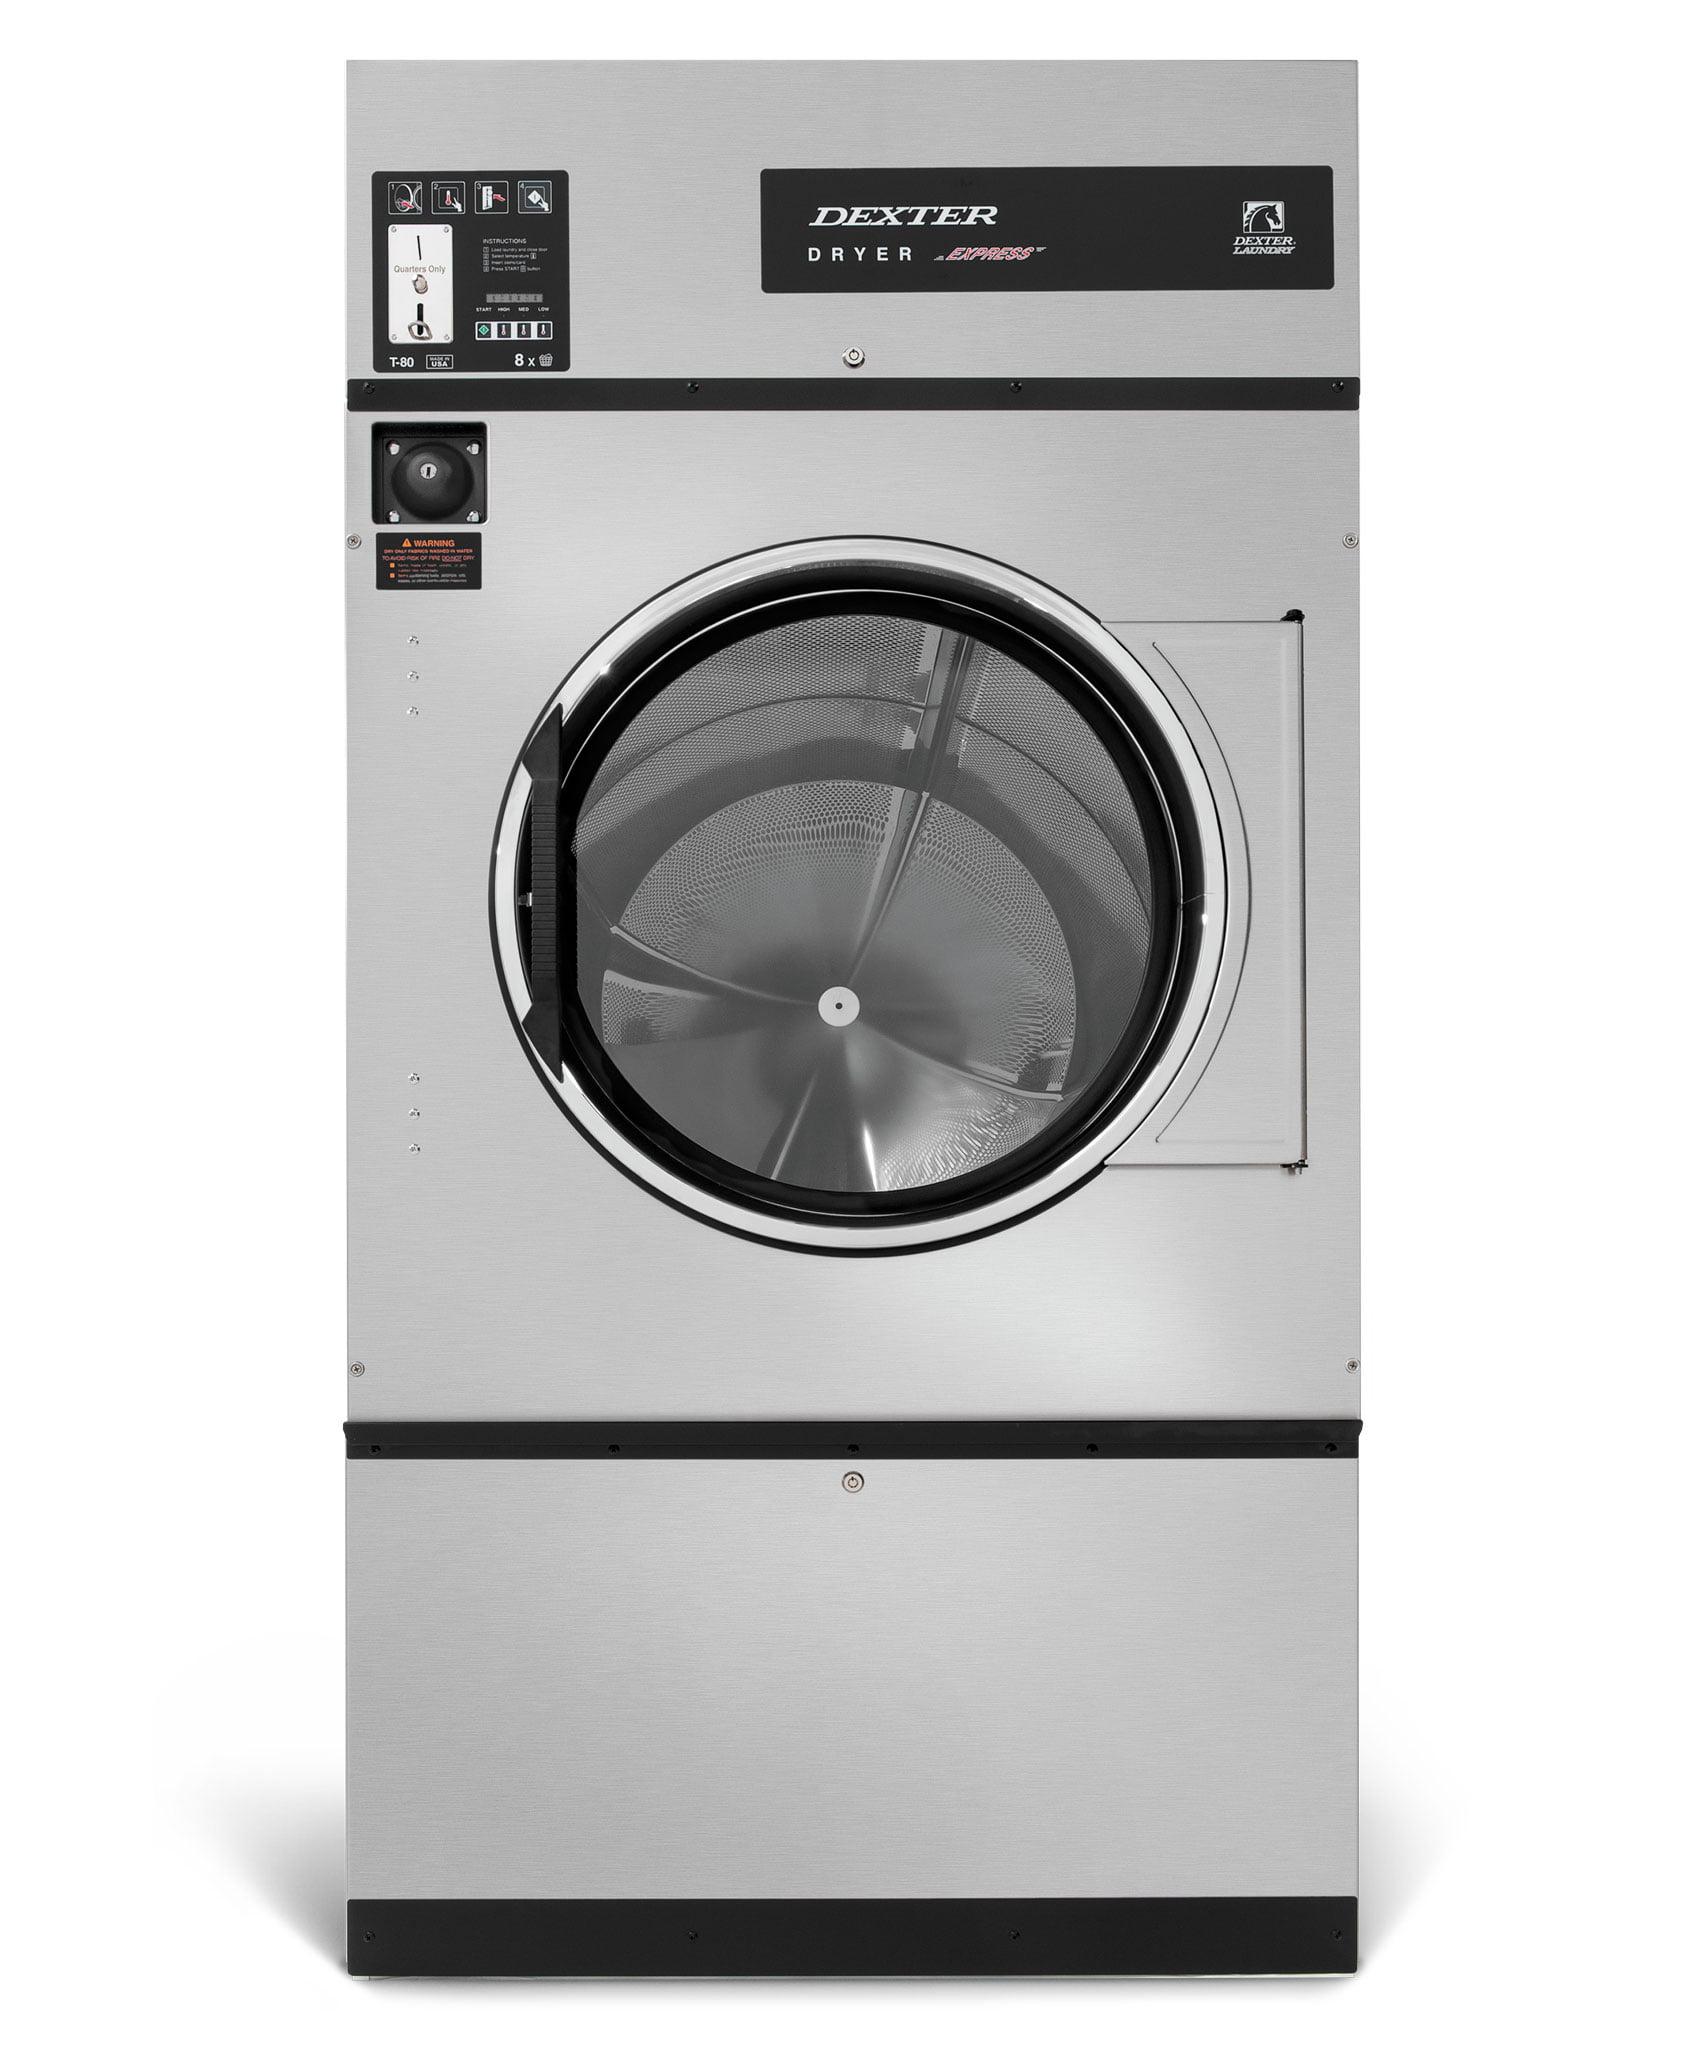 Dexter OPL Dryers